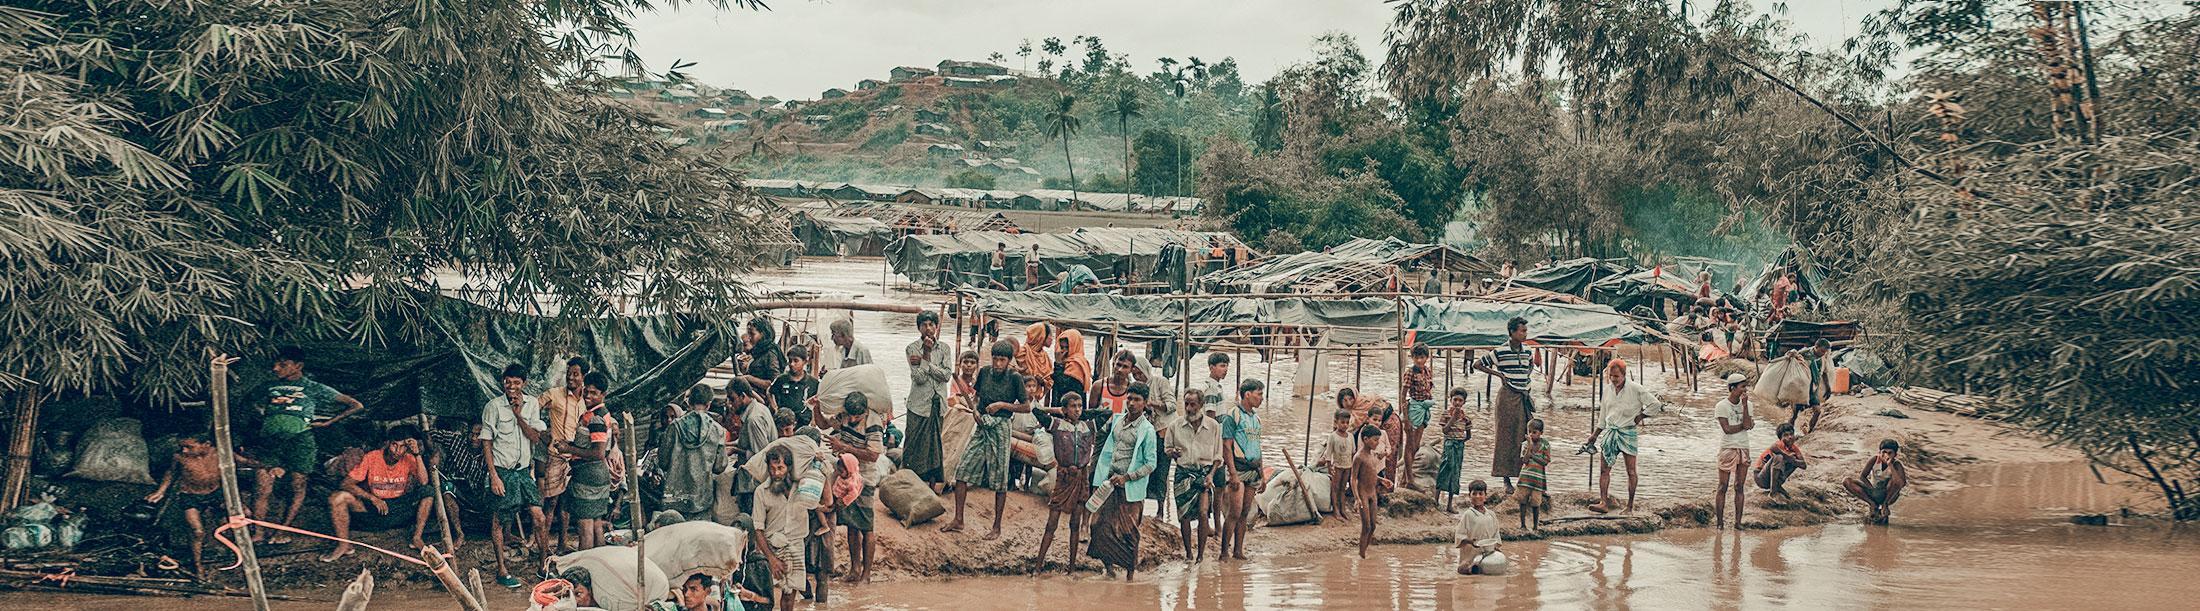 Popolazioni in fuga